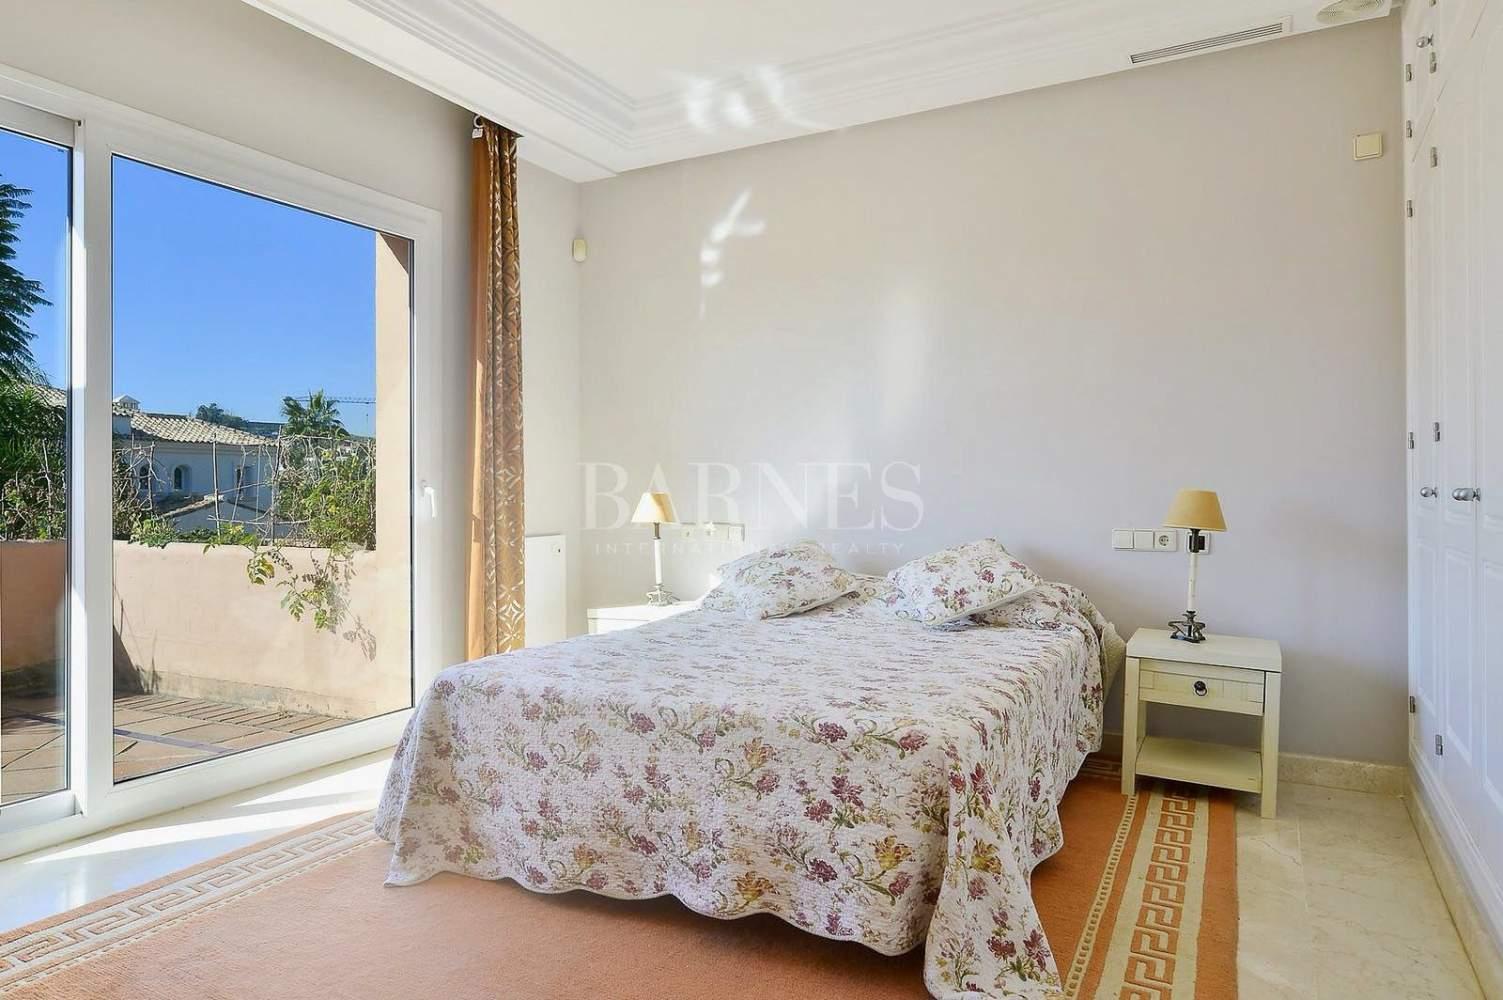 Nueva Andalucia  - Villa 15 Cuartos 4 Habitaciones - picture 10